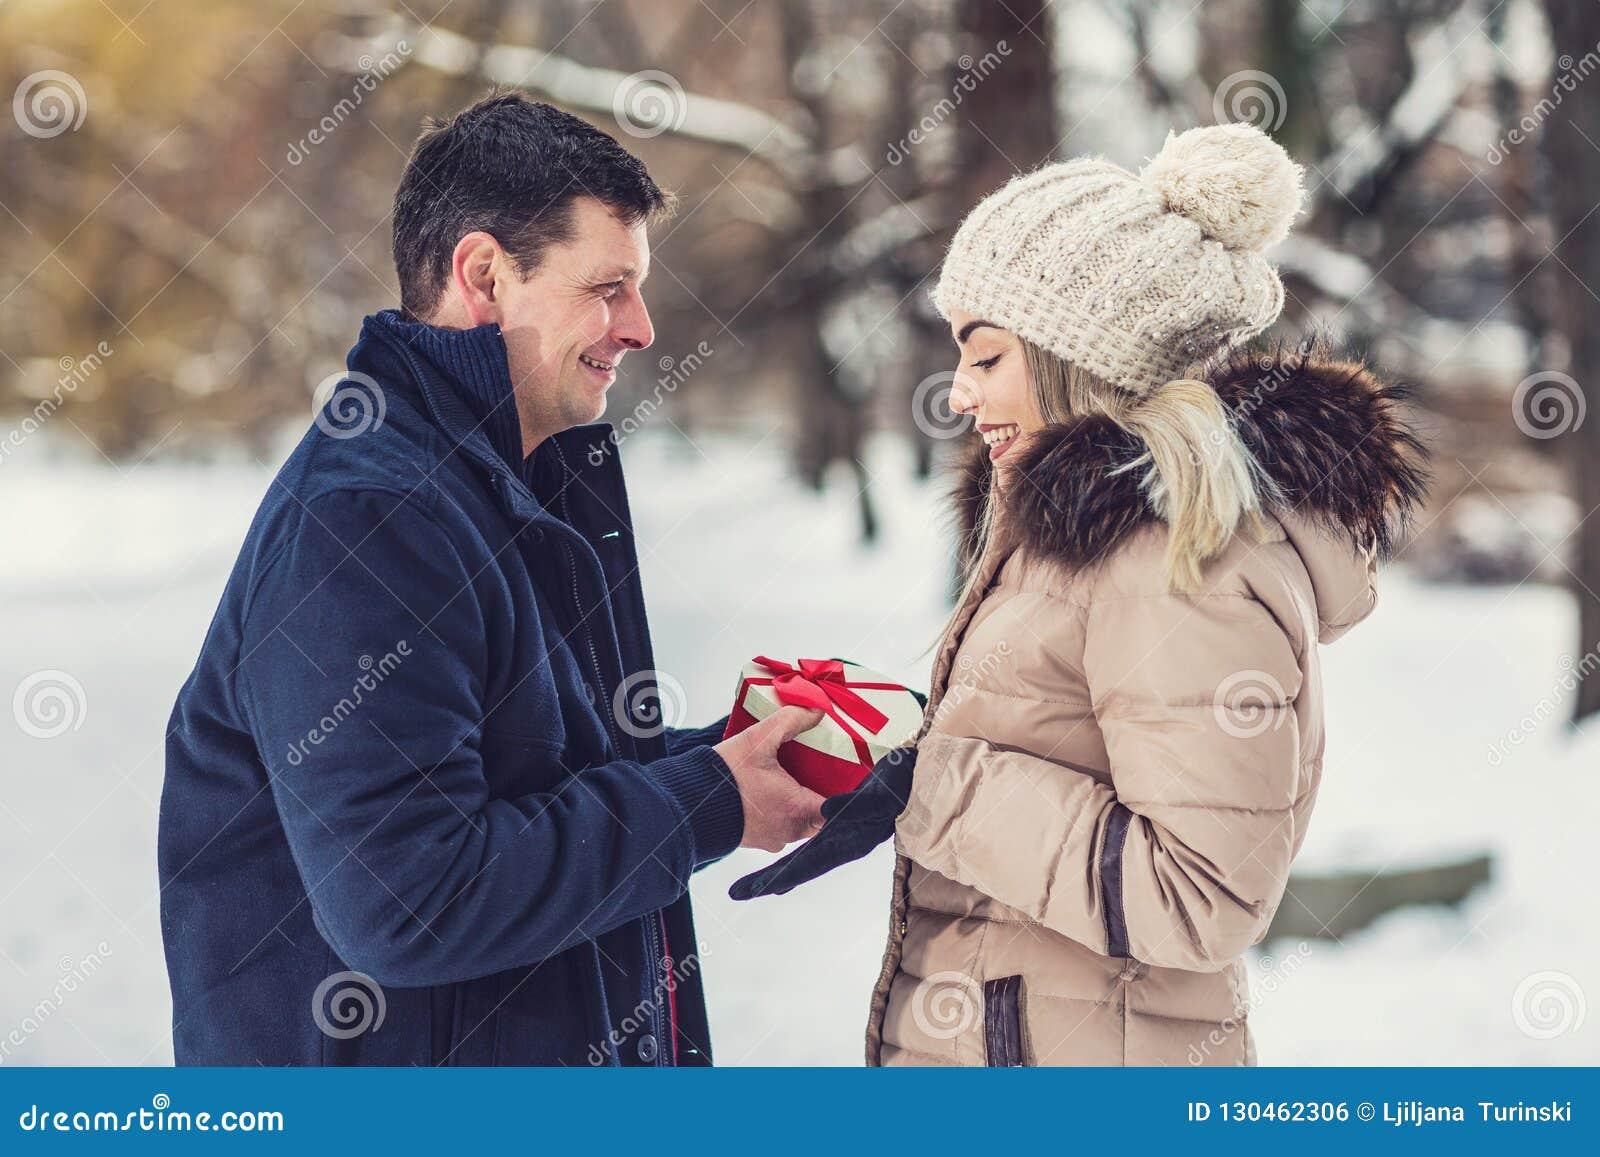 Cadeau De Noel Romantique Pour Homme.L Homme Donne Une Boîte Avec Un Cadeau à Son Amie Surprise